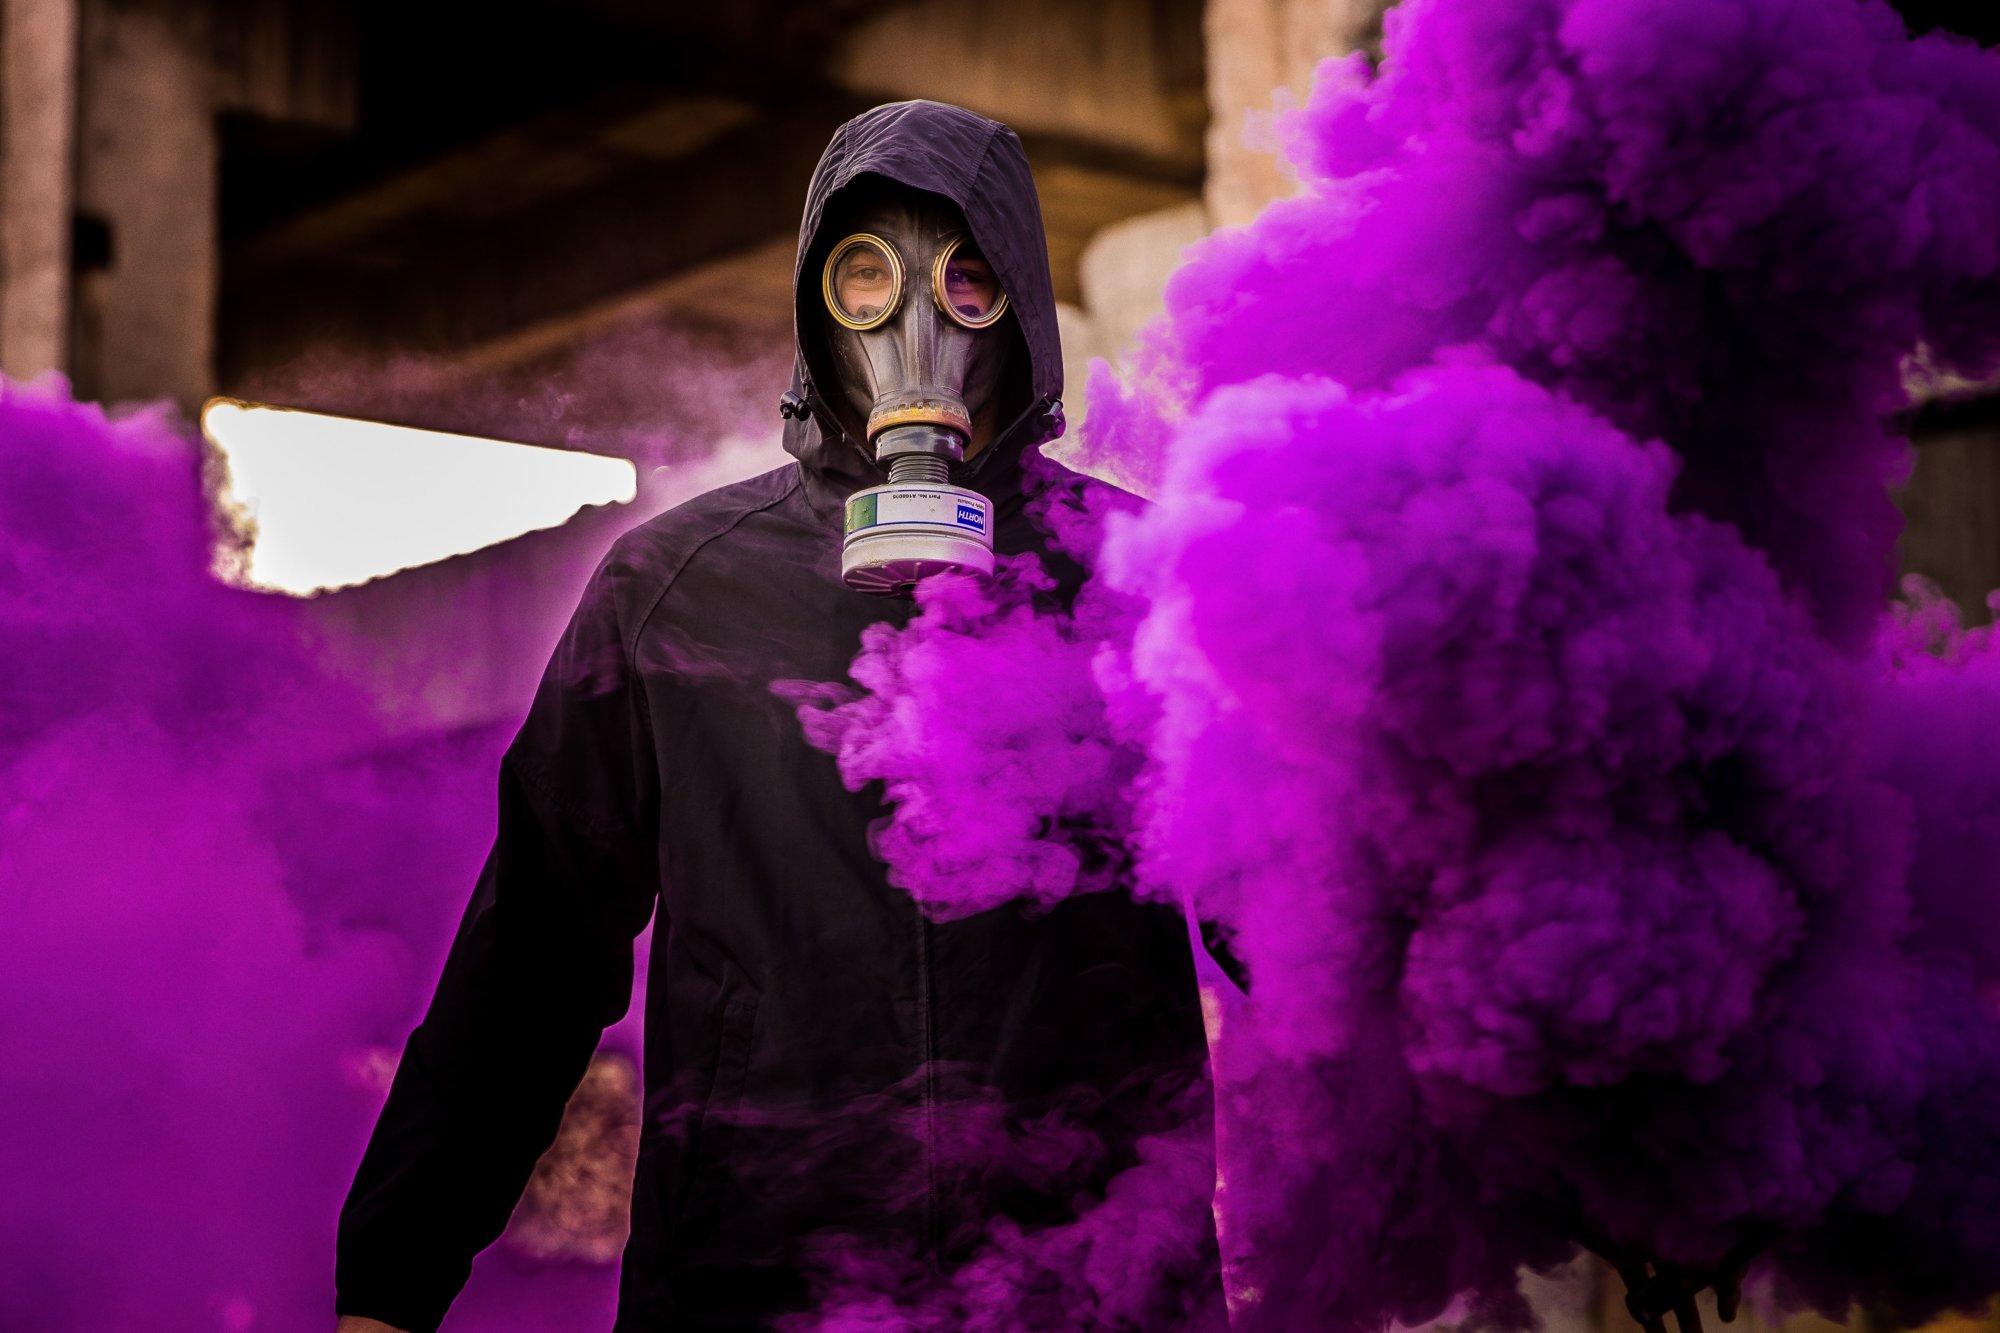 «Вірус. Криза. Фестивалі»: що буде з київською івент-індустрією після карантину